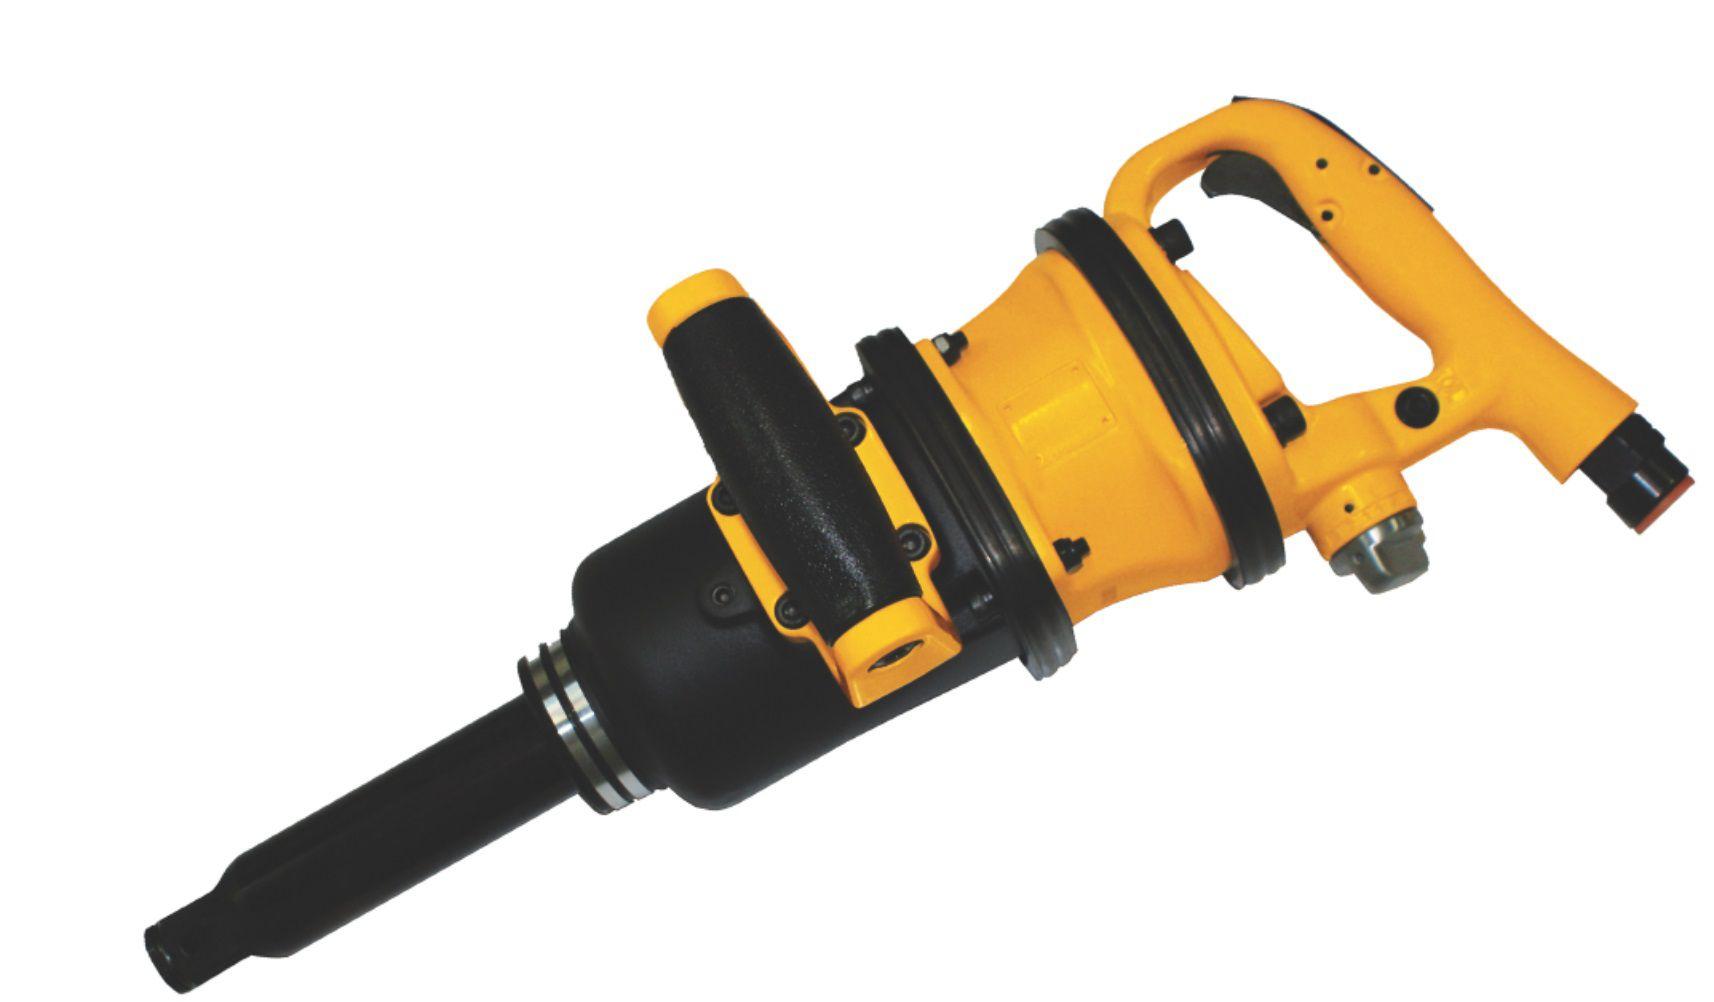 Chave Impacto Pneumática 1 Longa Torque 258 Kgf 5000 rpm AT3882-6 Puma